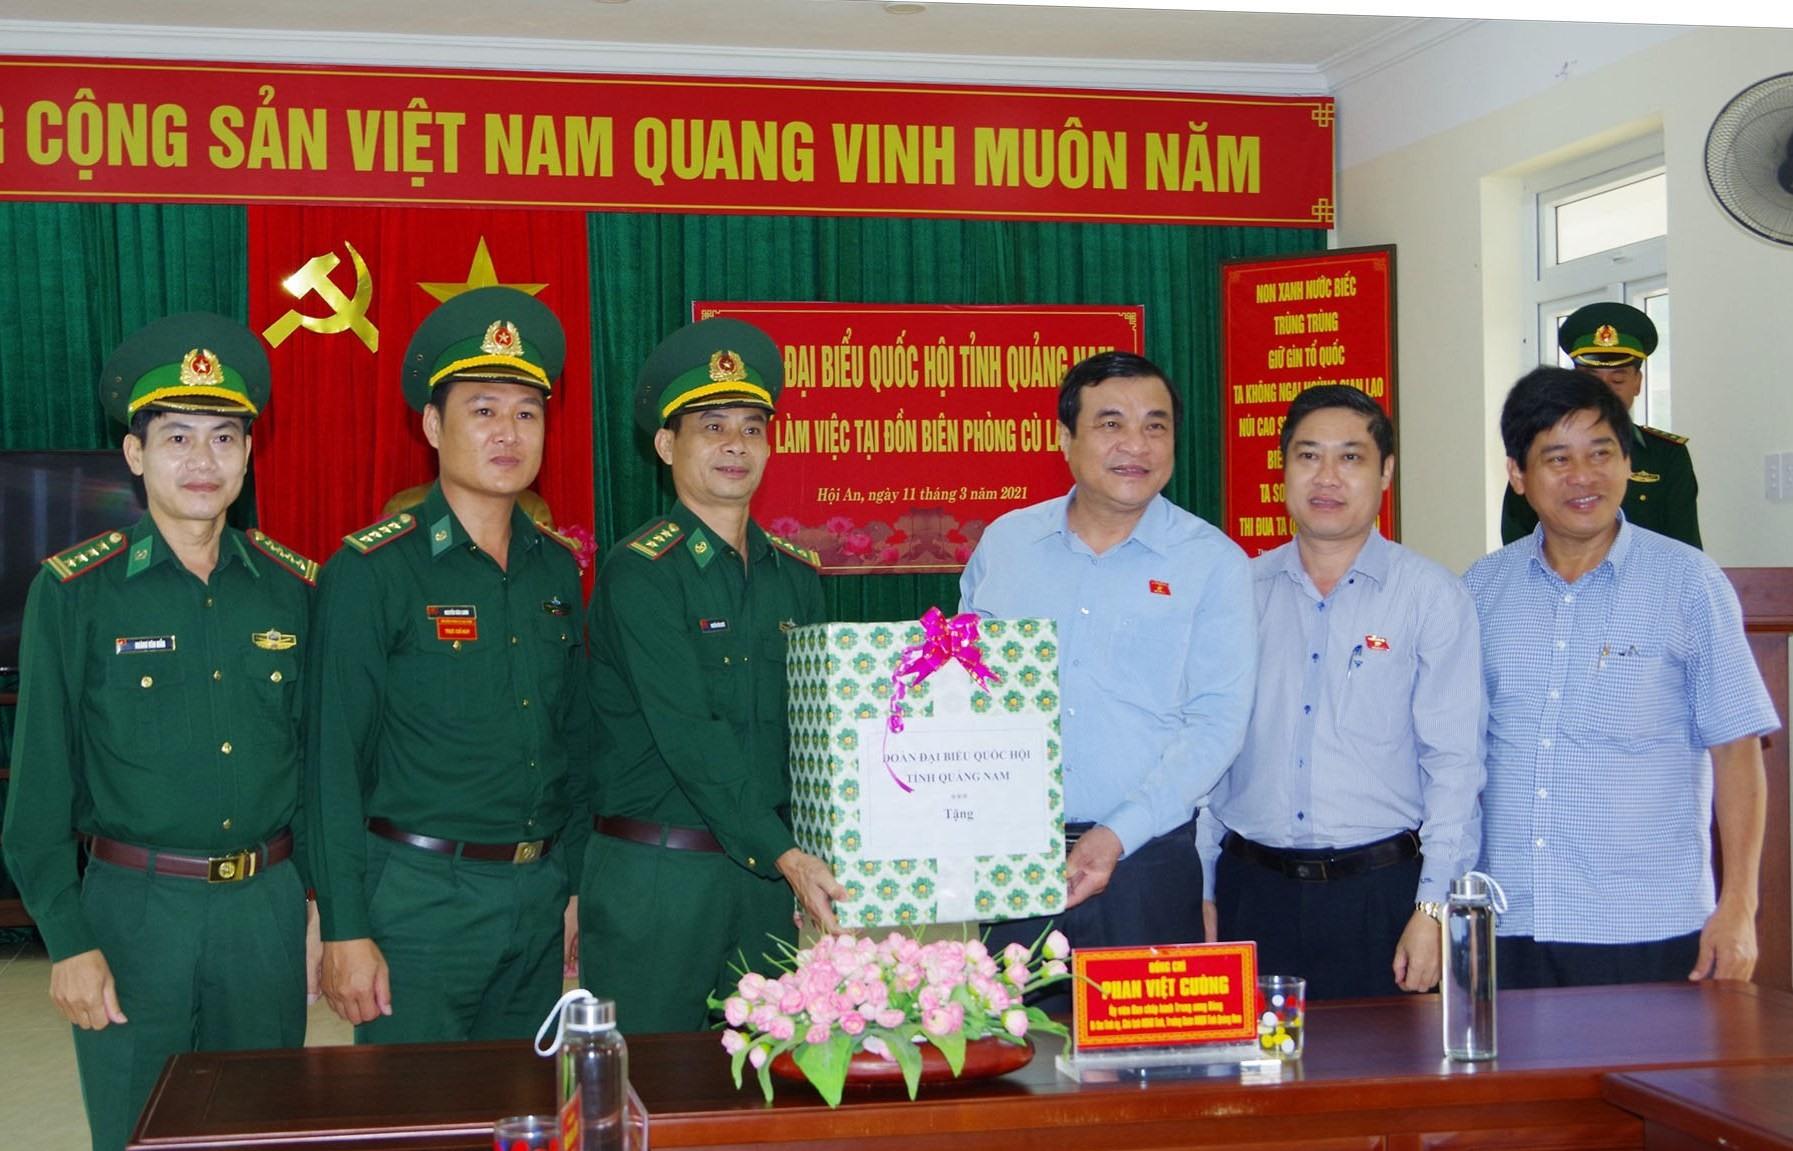 Ủy viên Trung ương Đảng, Bí thư Tỉnh ủy Phan Việt Cường tặng quà Đồn Biên phòng Cù Lao Chàm. Ảnh: HỒNG ANH